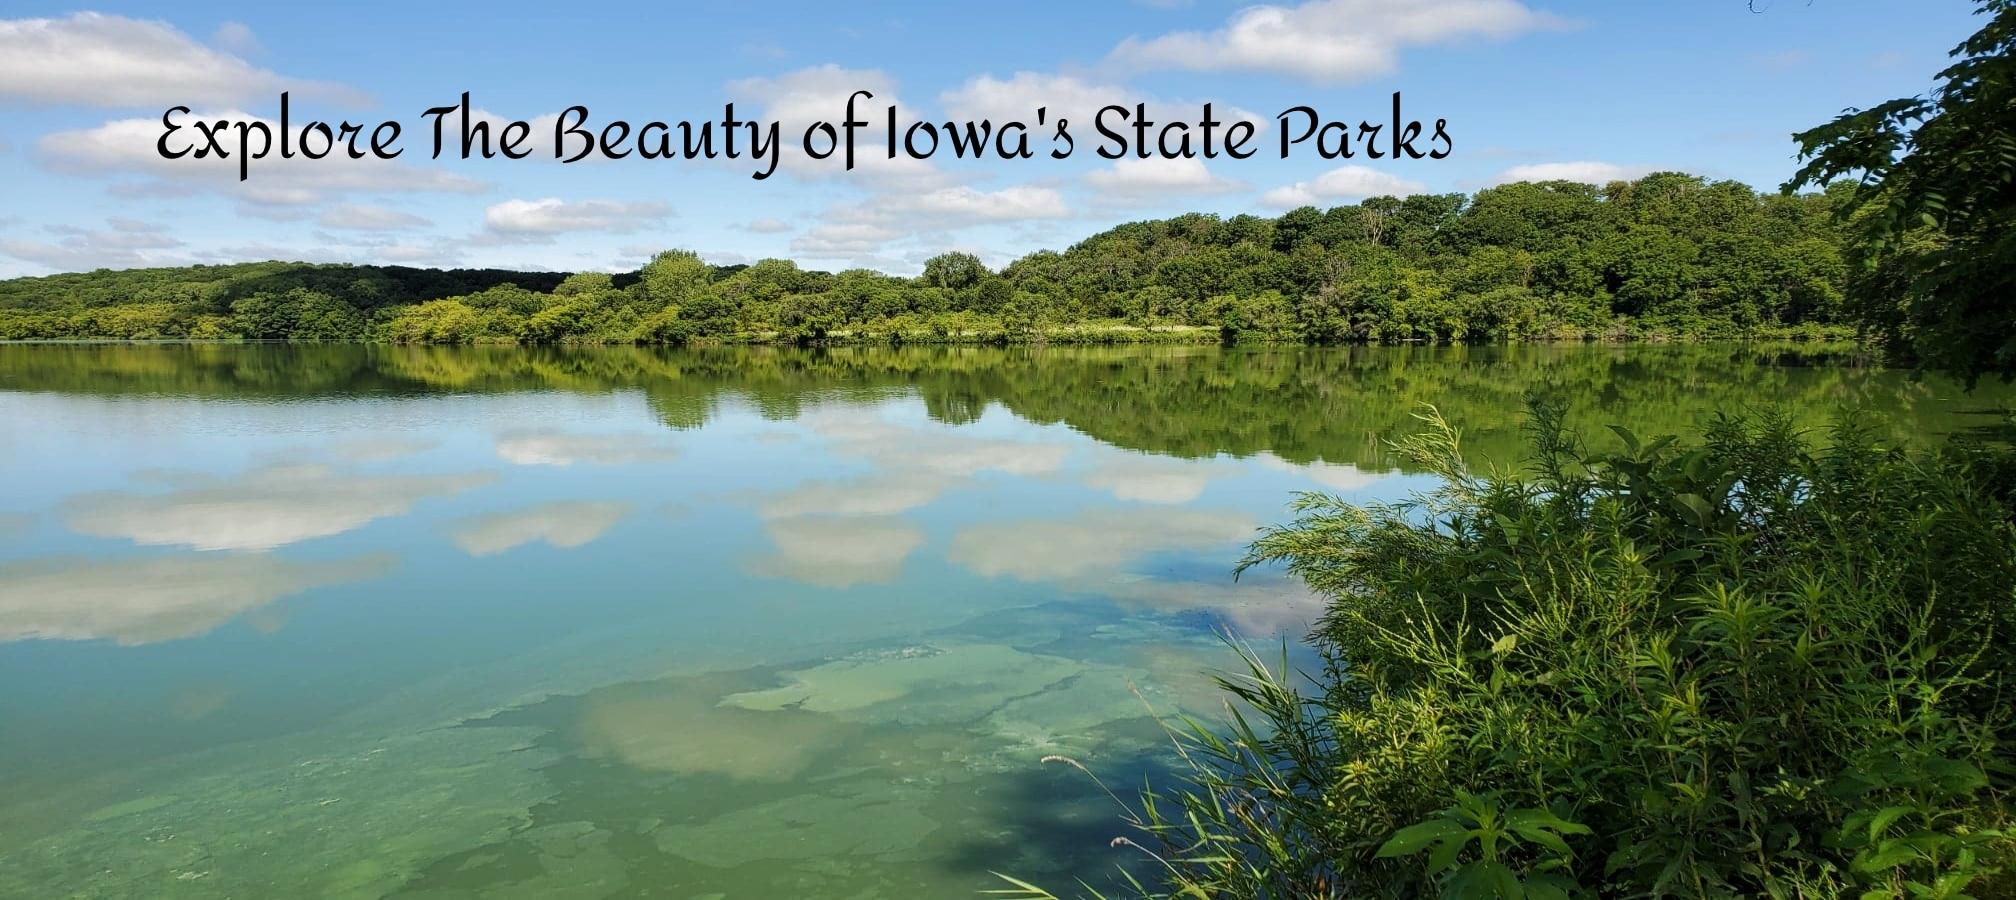 Iowa State Parks